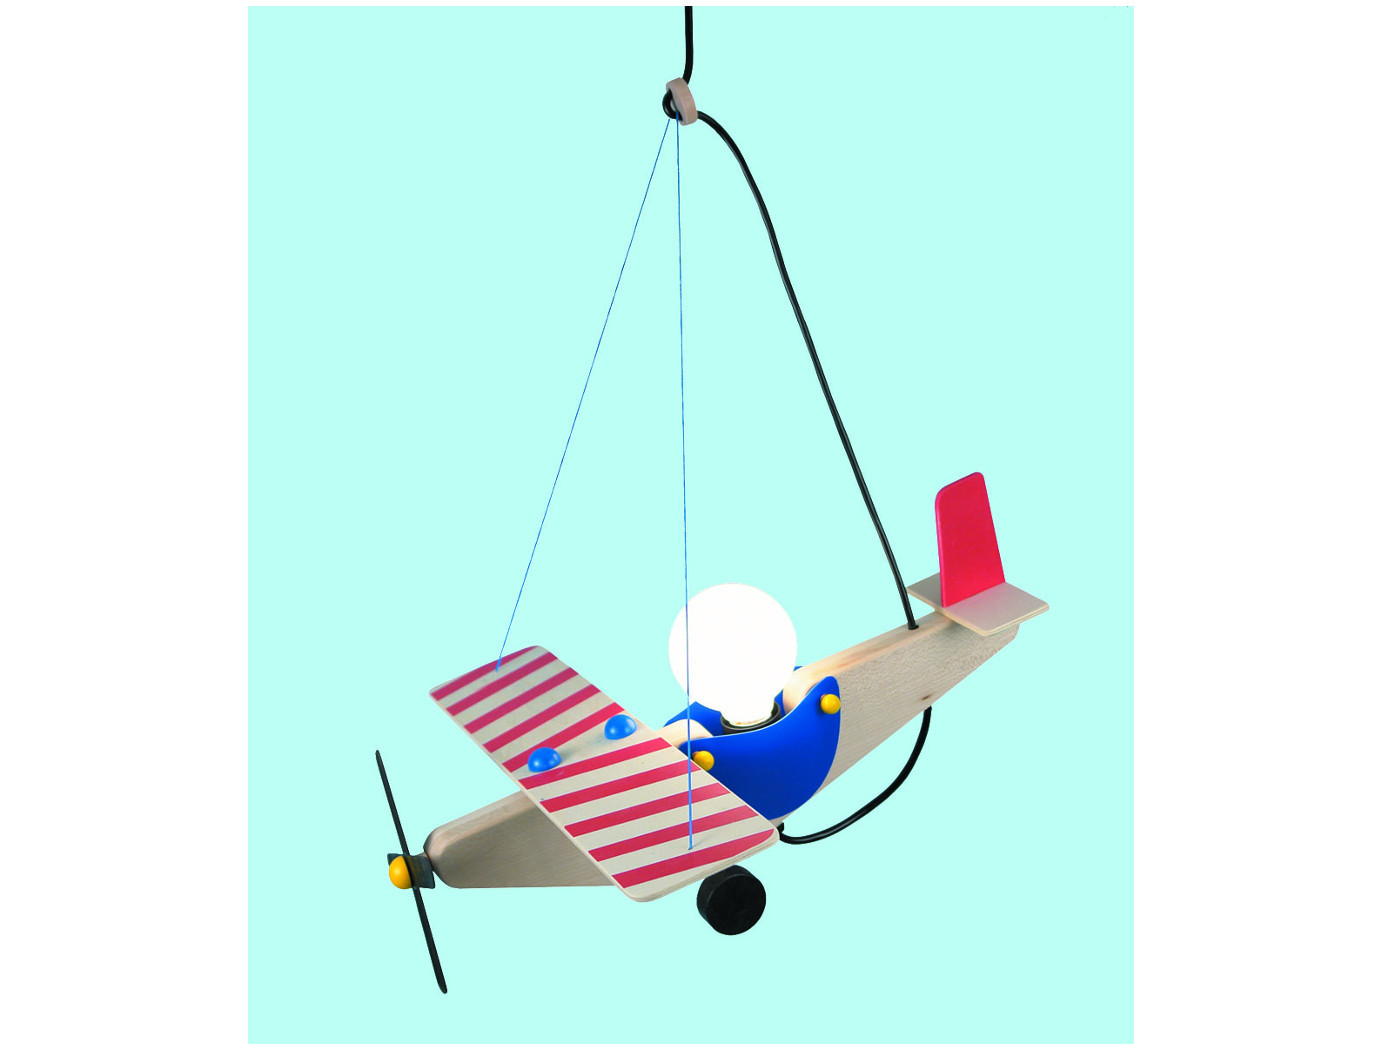 Kinderzimmerlampe Pendelleuchte Holz, Design Flugzeug, Lampe Kinder ...